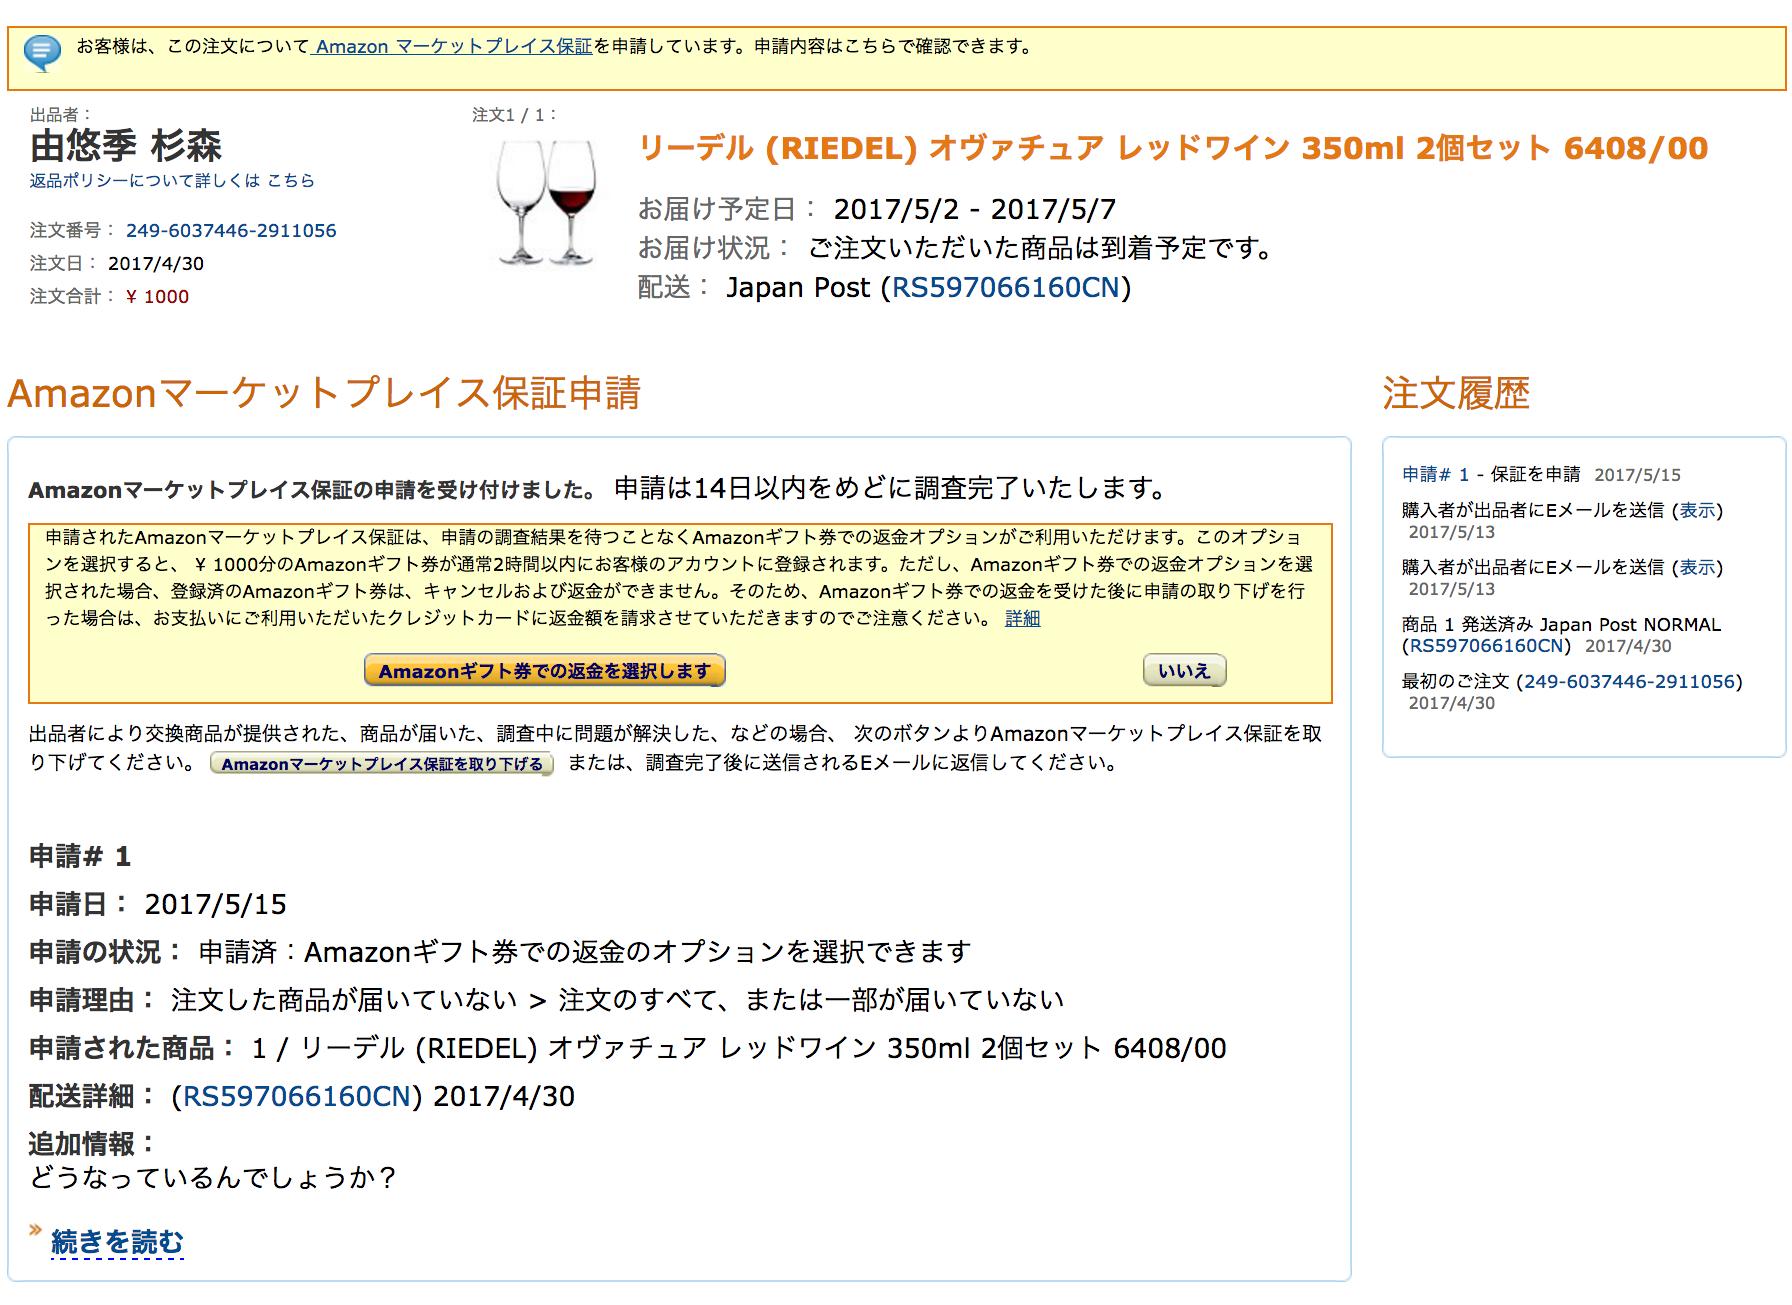 Amazonマーケットプレイス詐欺に対するマーケットプレイス保証がまったくなっていない! 14